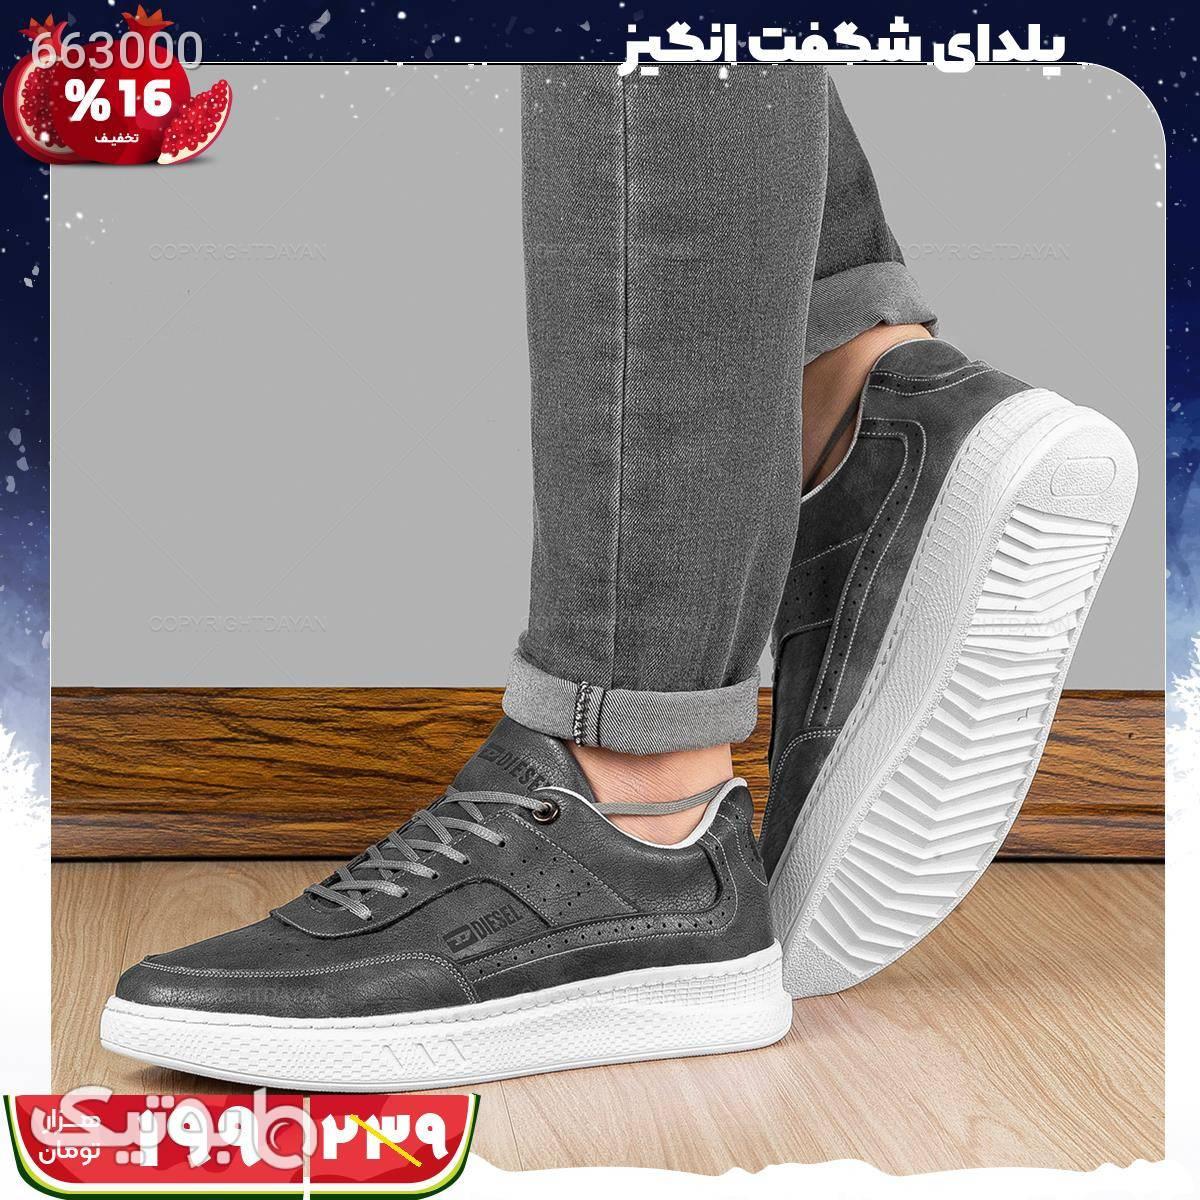 کفش مردانه دیزل طوسی كفش مردانه